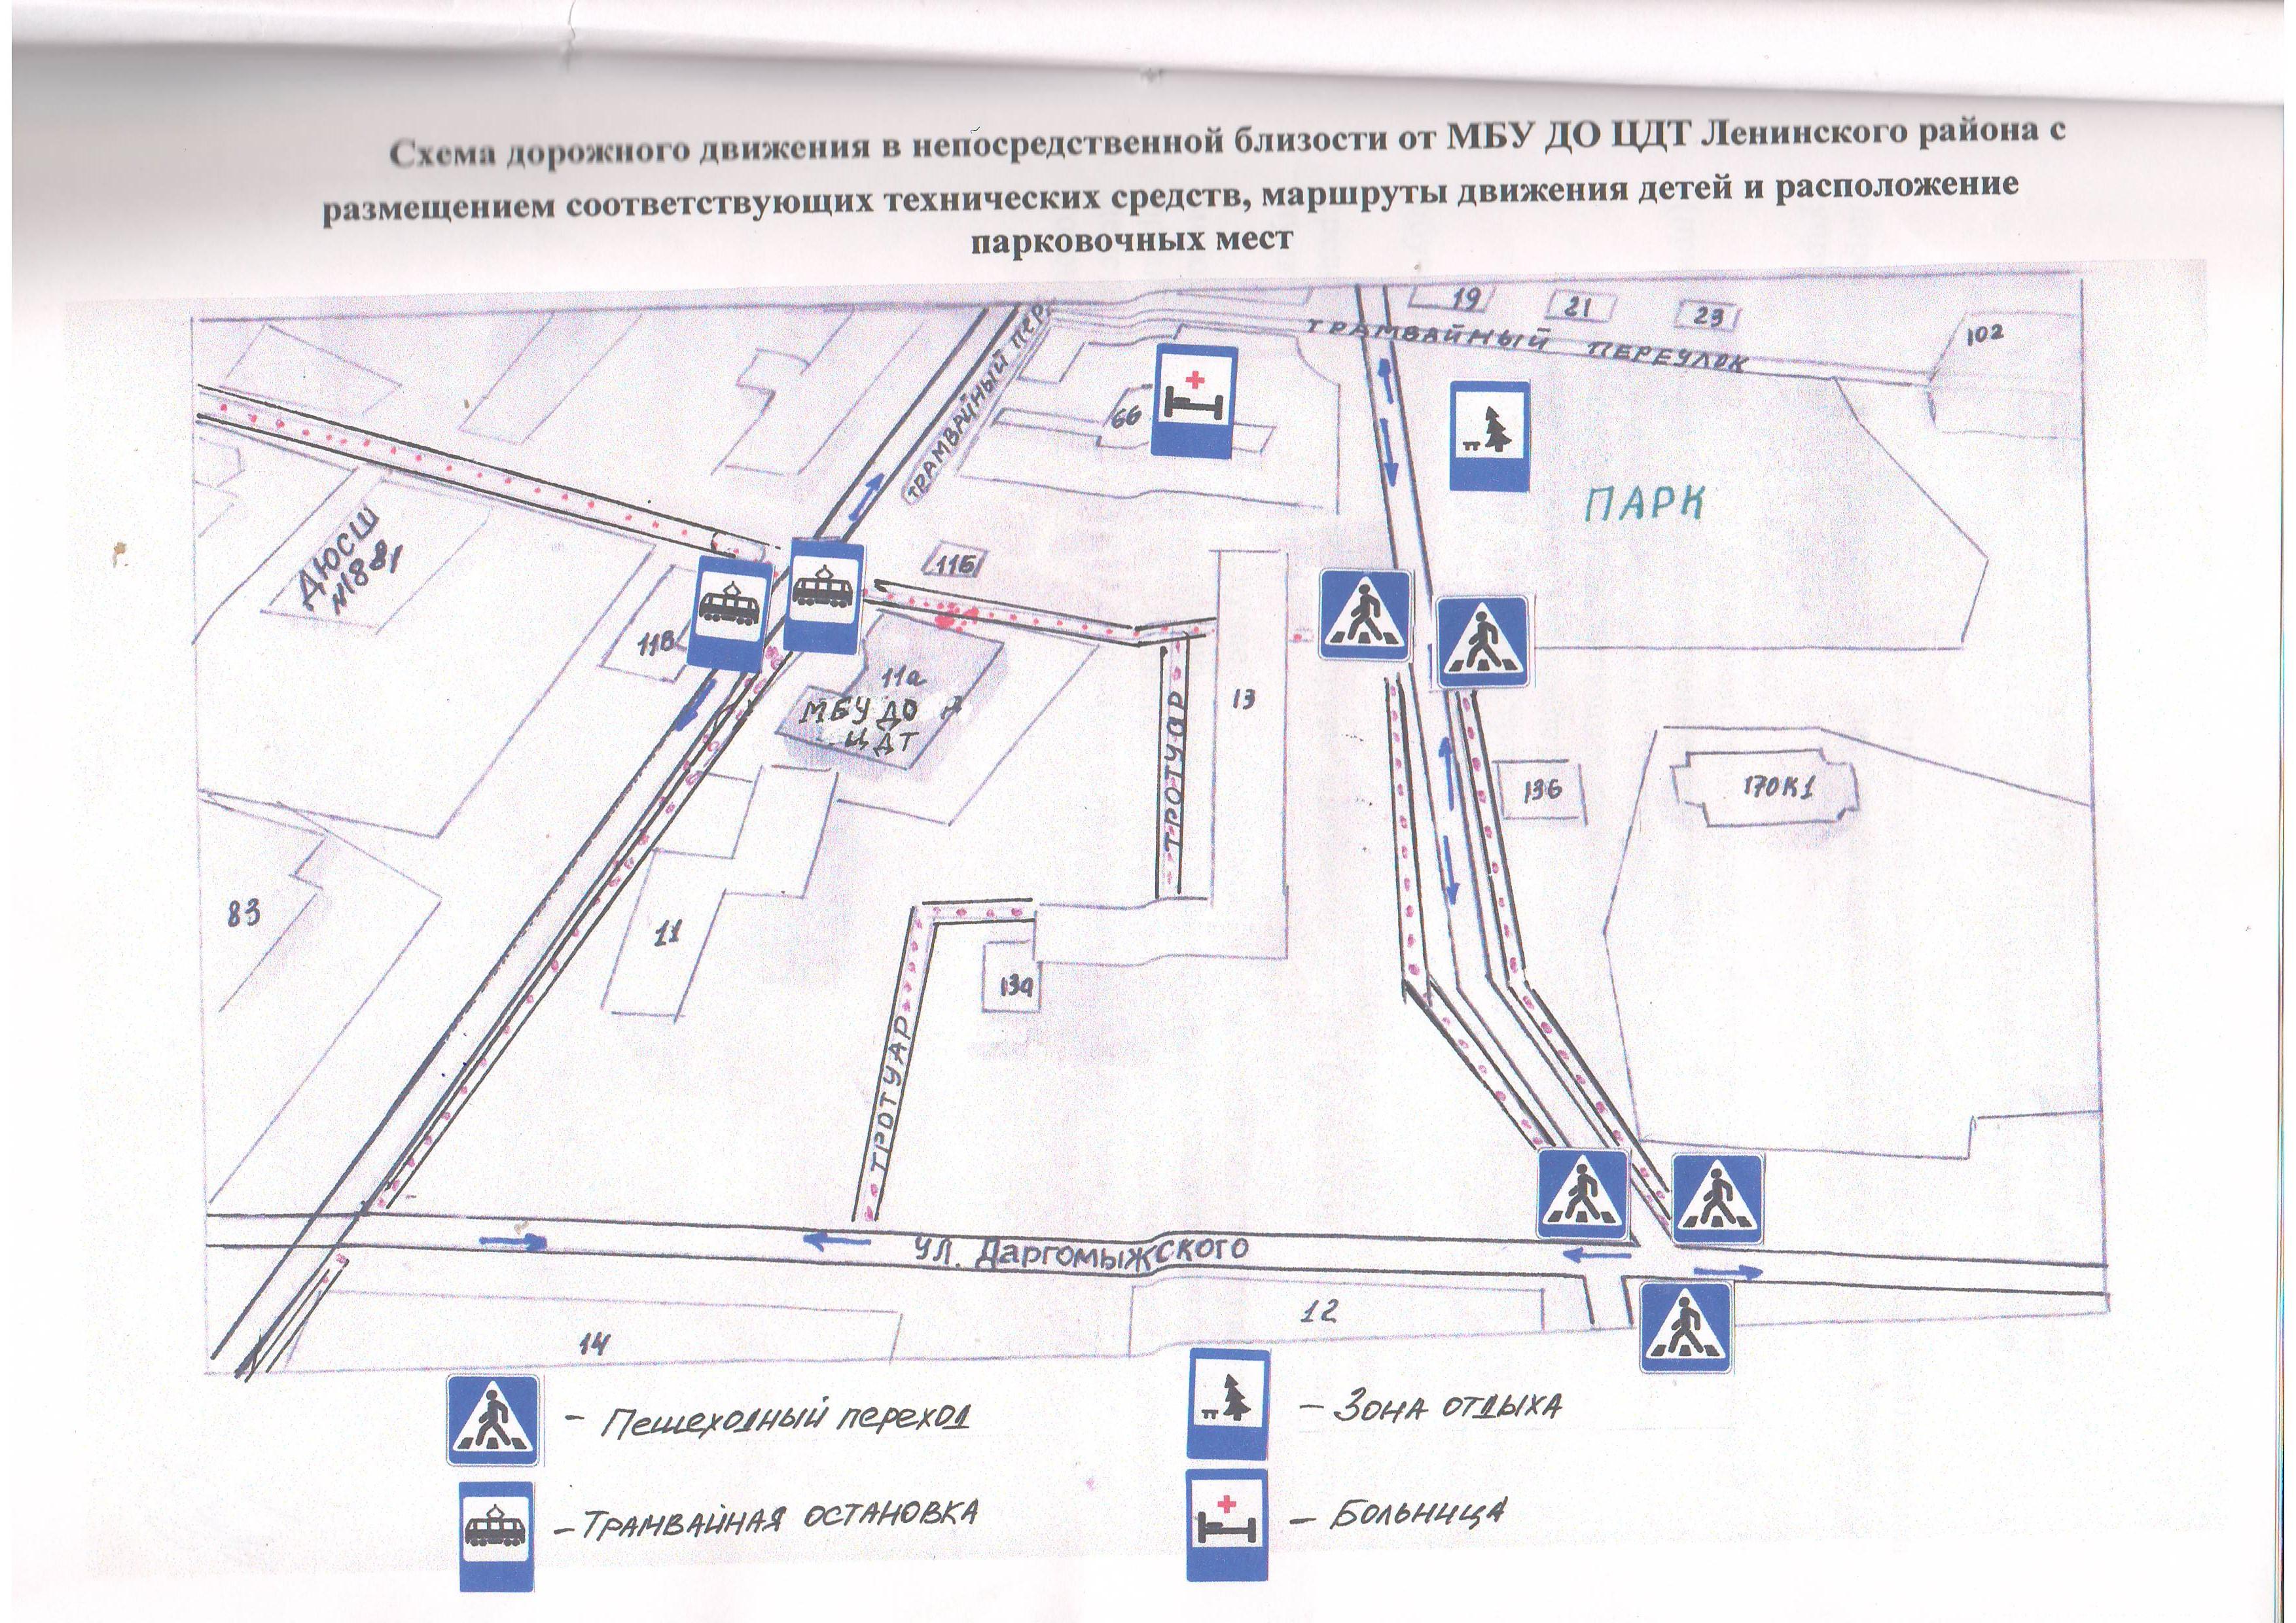 http://cdt-leninskii.ucoz.net/bezopasnost/marshrut.jpg